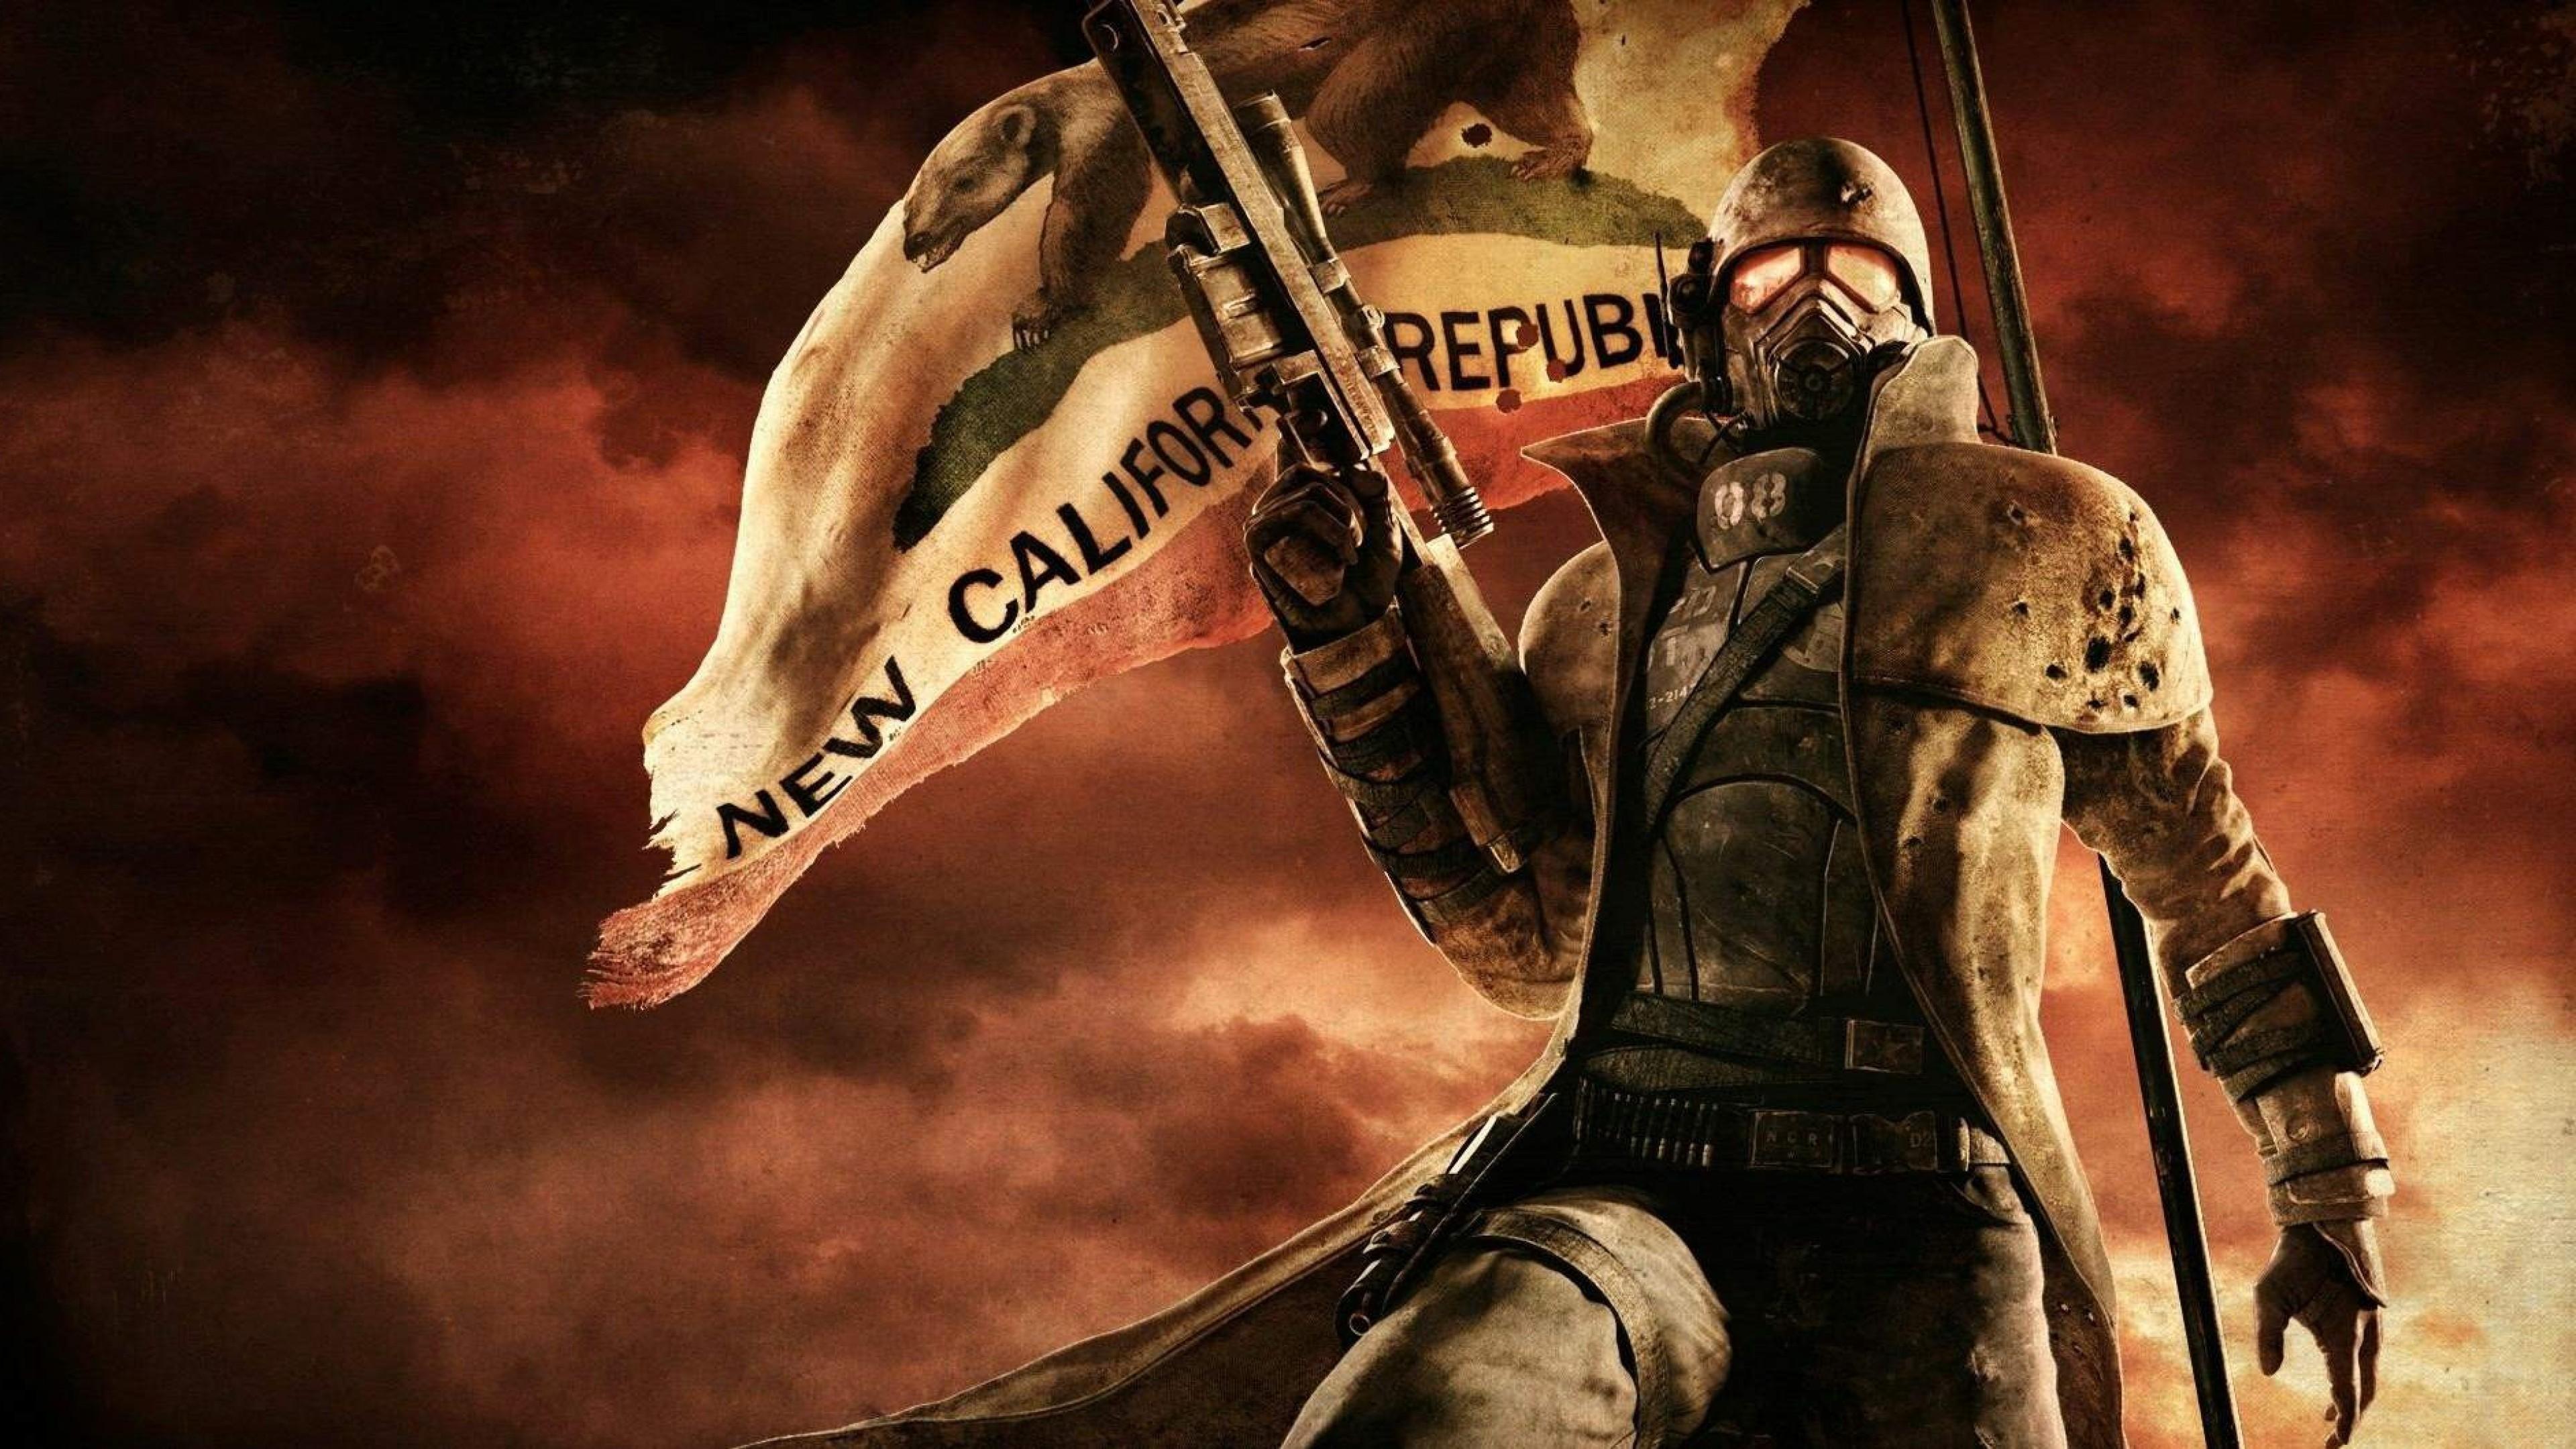 Heard you guys like Fallout Wallpapers. : Fallout